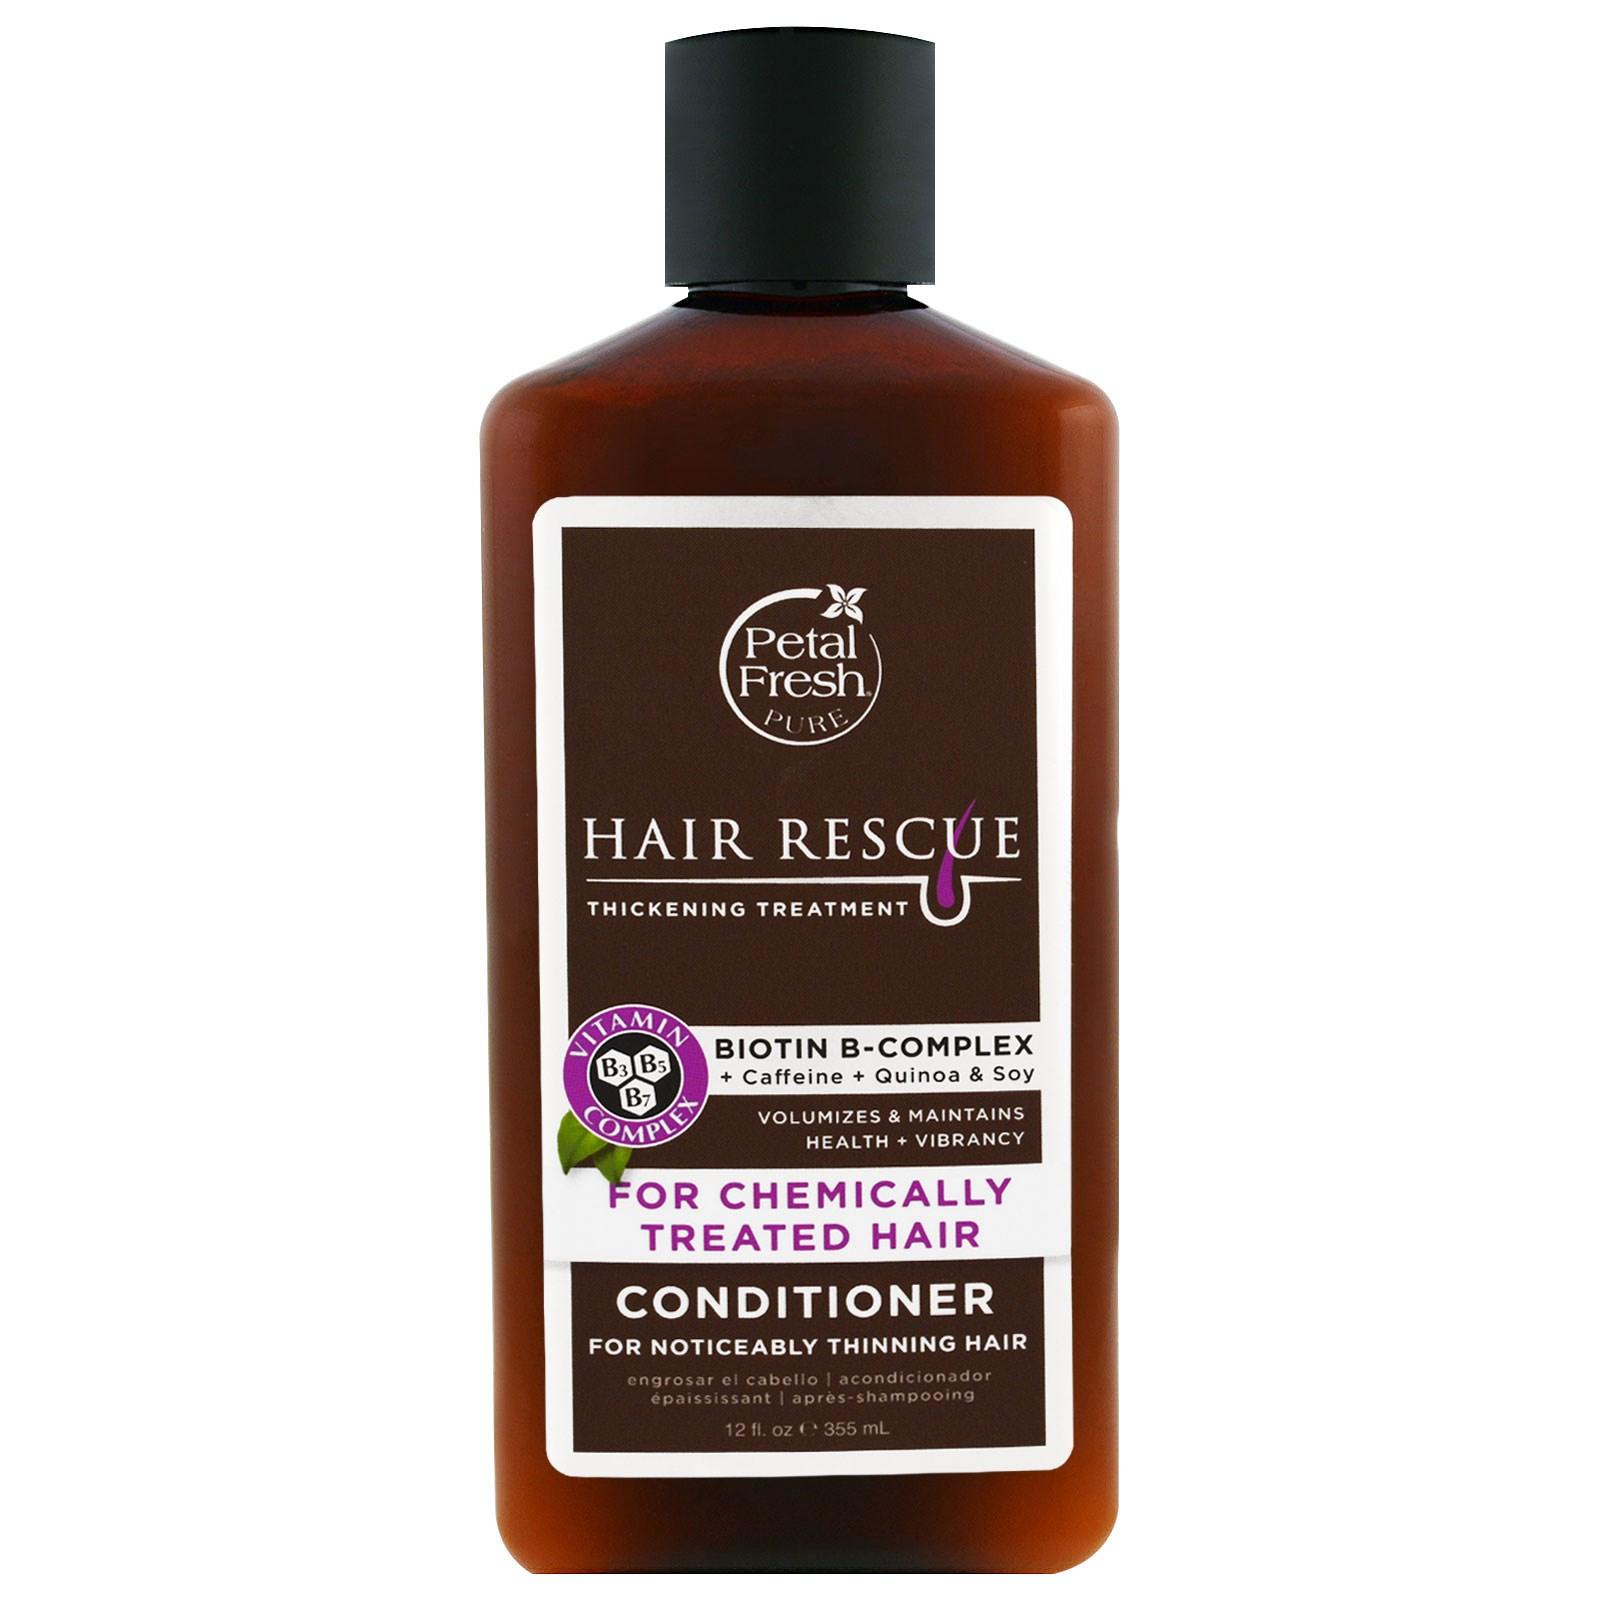 Petal Fresh, Серия Pure, восстановление волос, кондиционер для истонченных волос, для обработанных химическим составом волос, 12 жидких унций (355 мл)